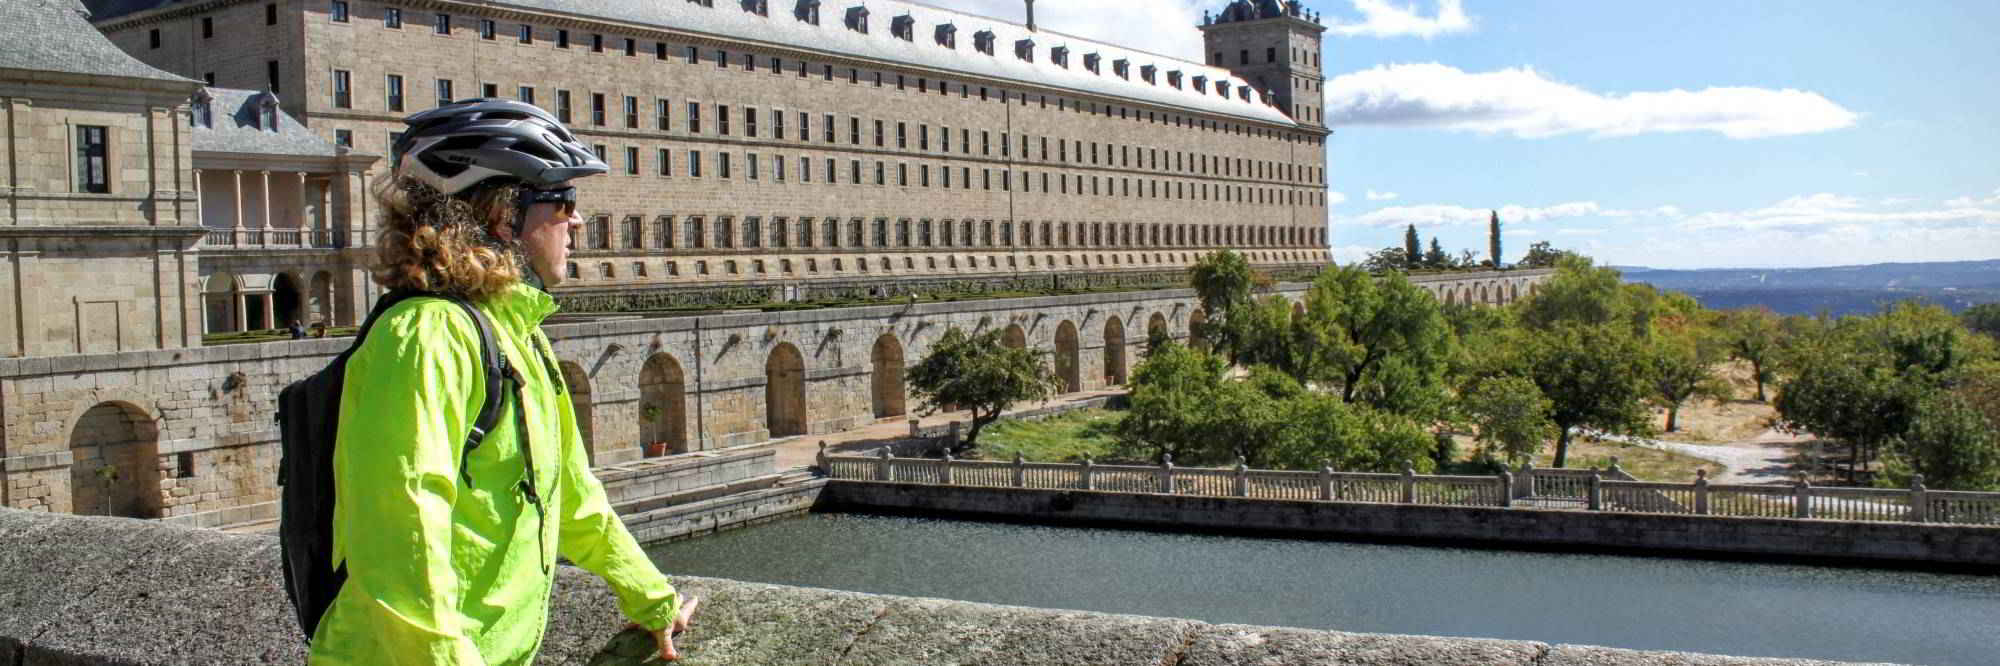 header foto El Escorial en Sierra de Guadarrama